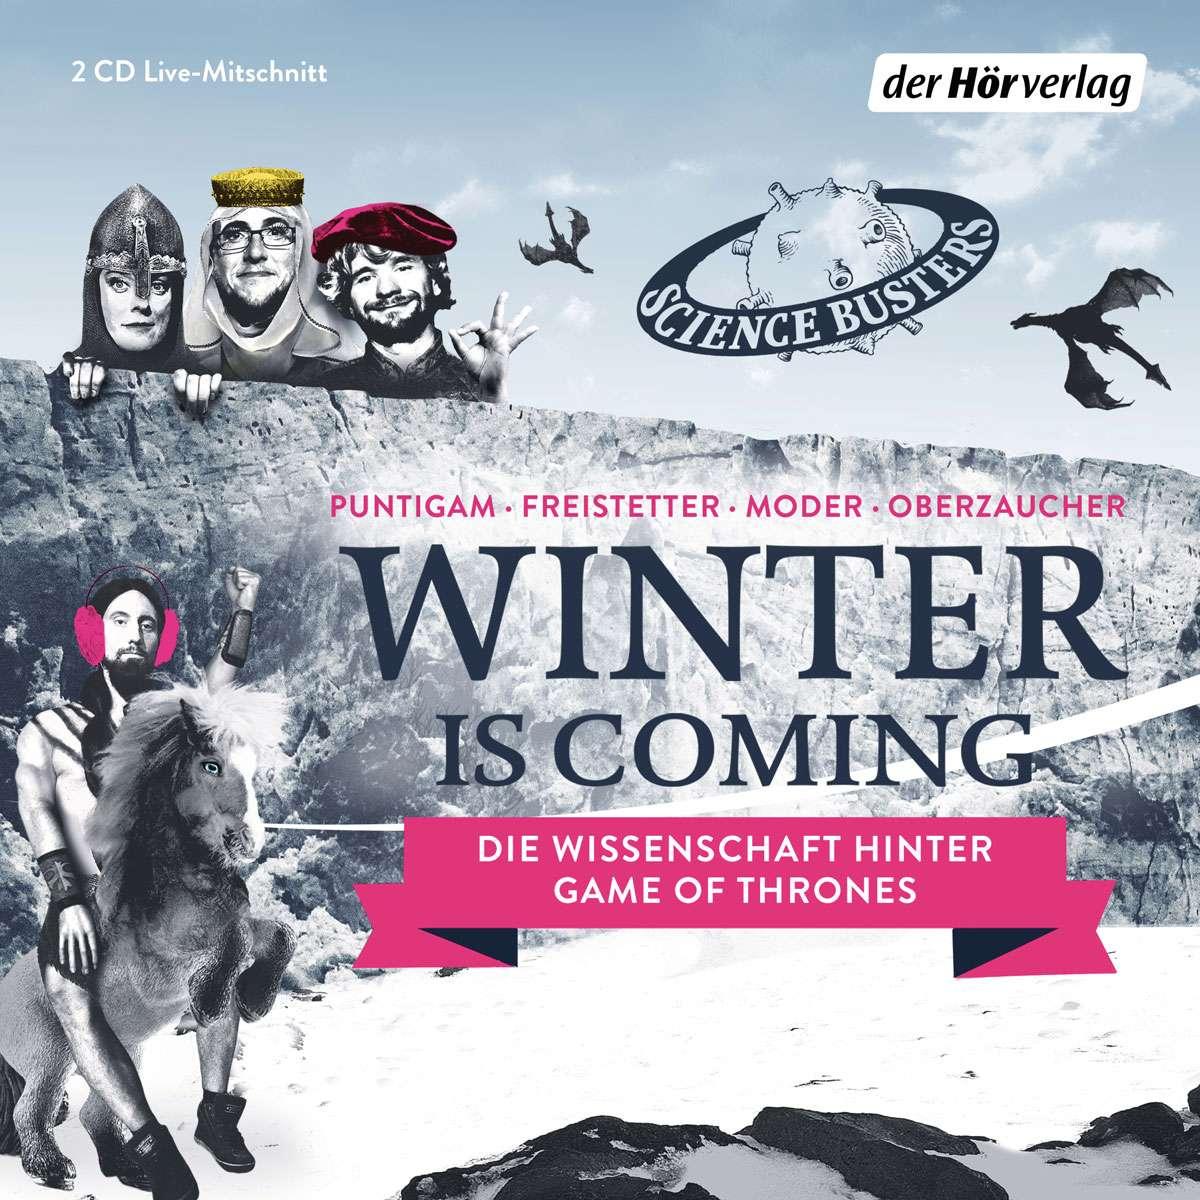 winter is coming - die wissenschaft hinter game of thrones